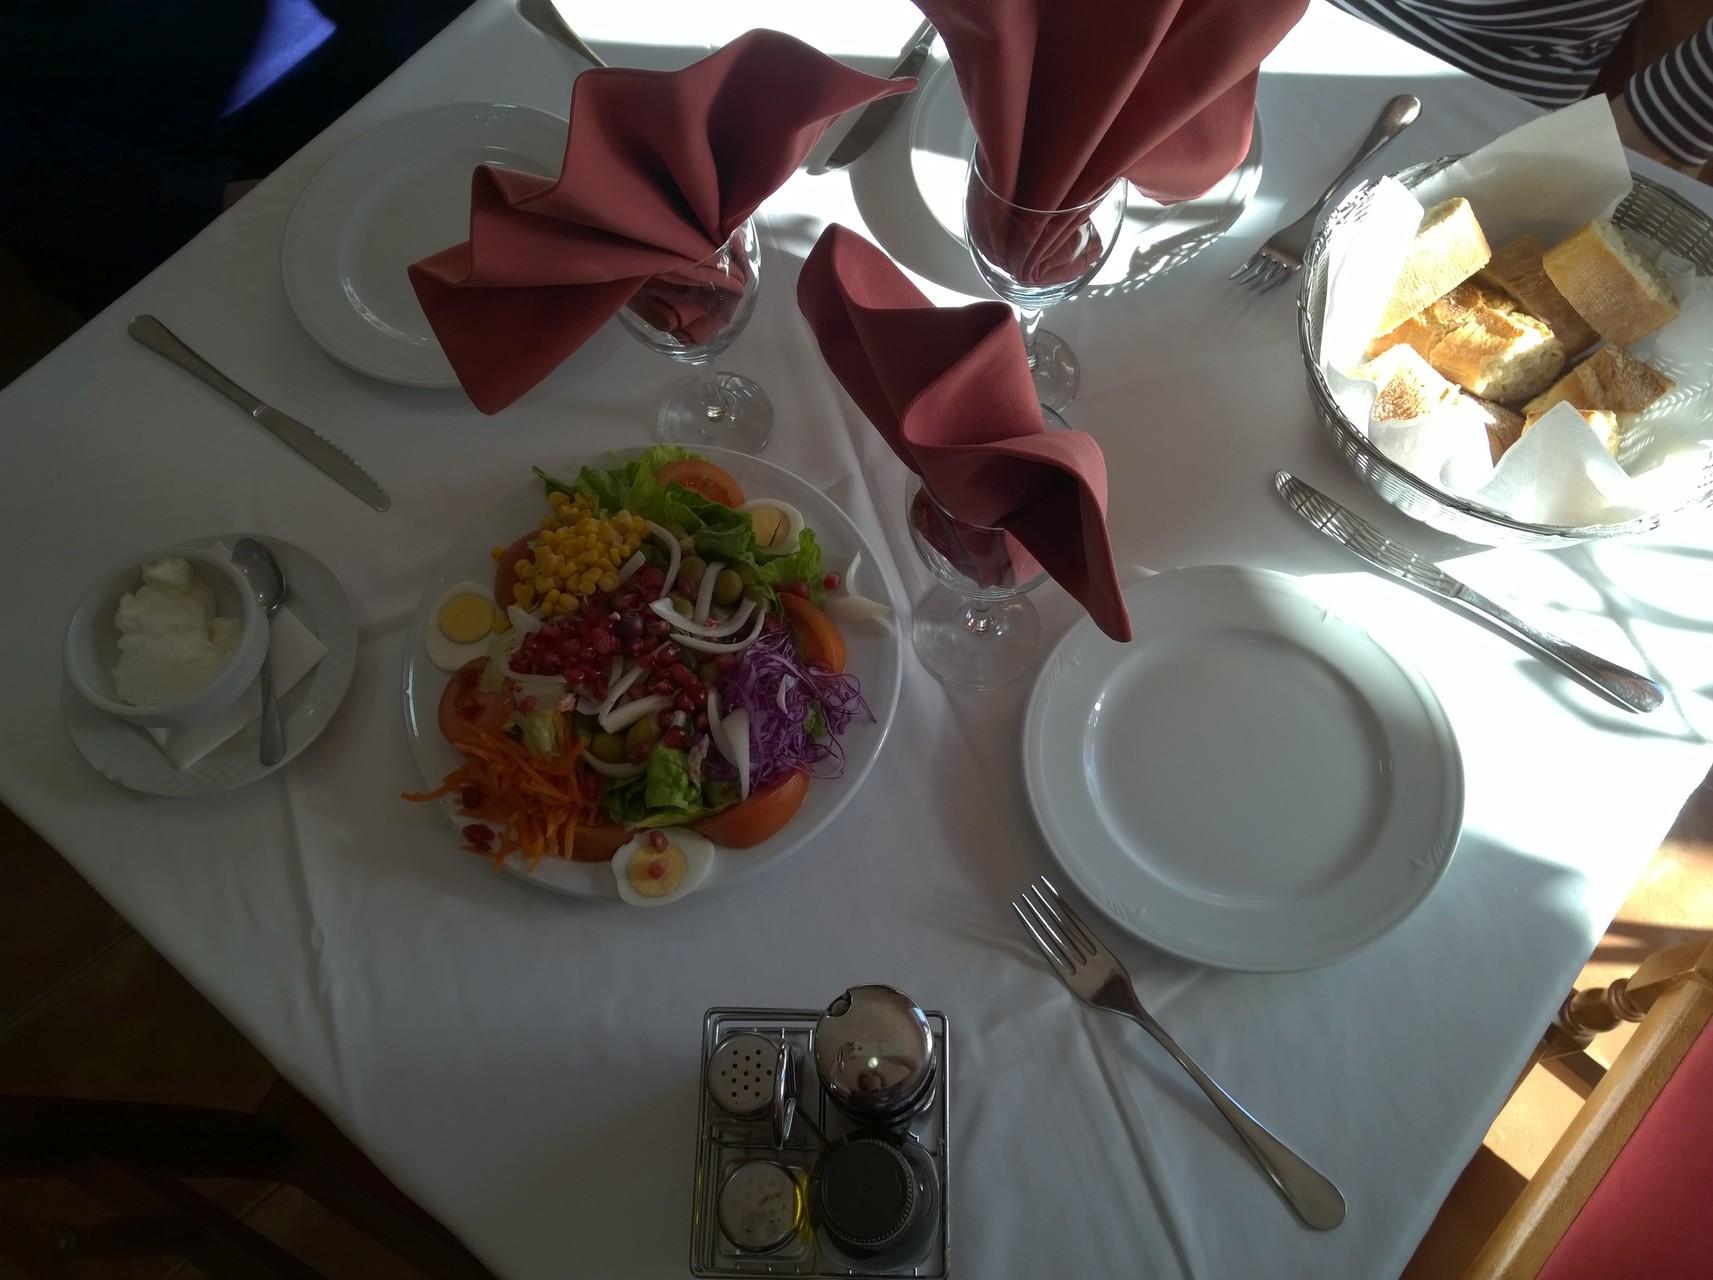 Ansprechende Tischdekoration bei einem Menú del día. Der Salat steht bereit.